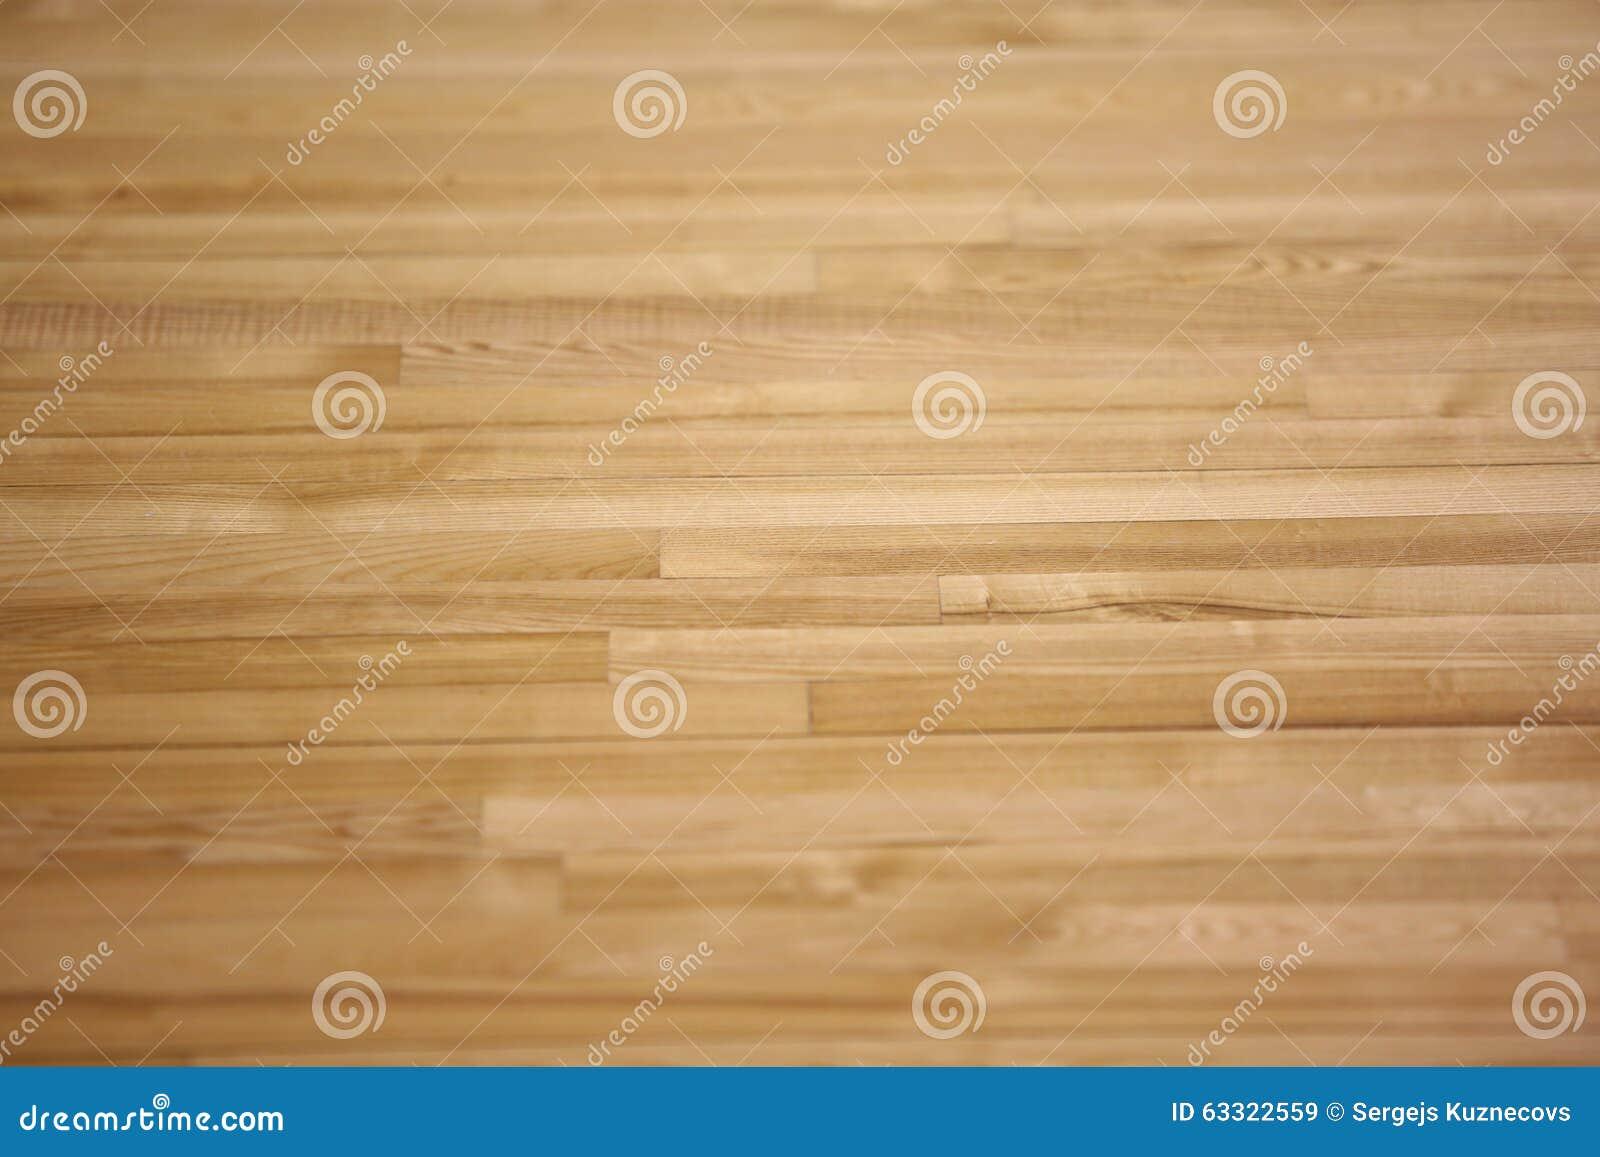 nouveau parquet de couleur brune image stock - image du hardwood